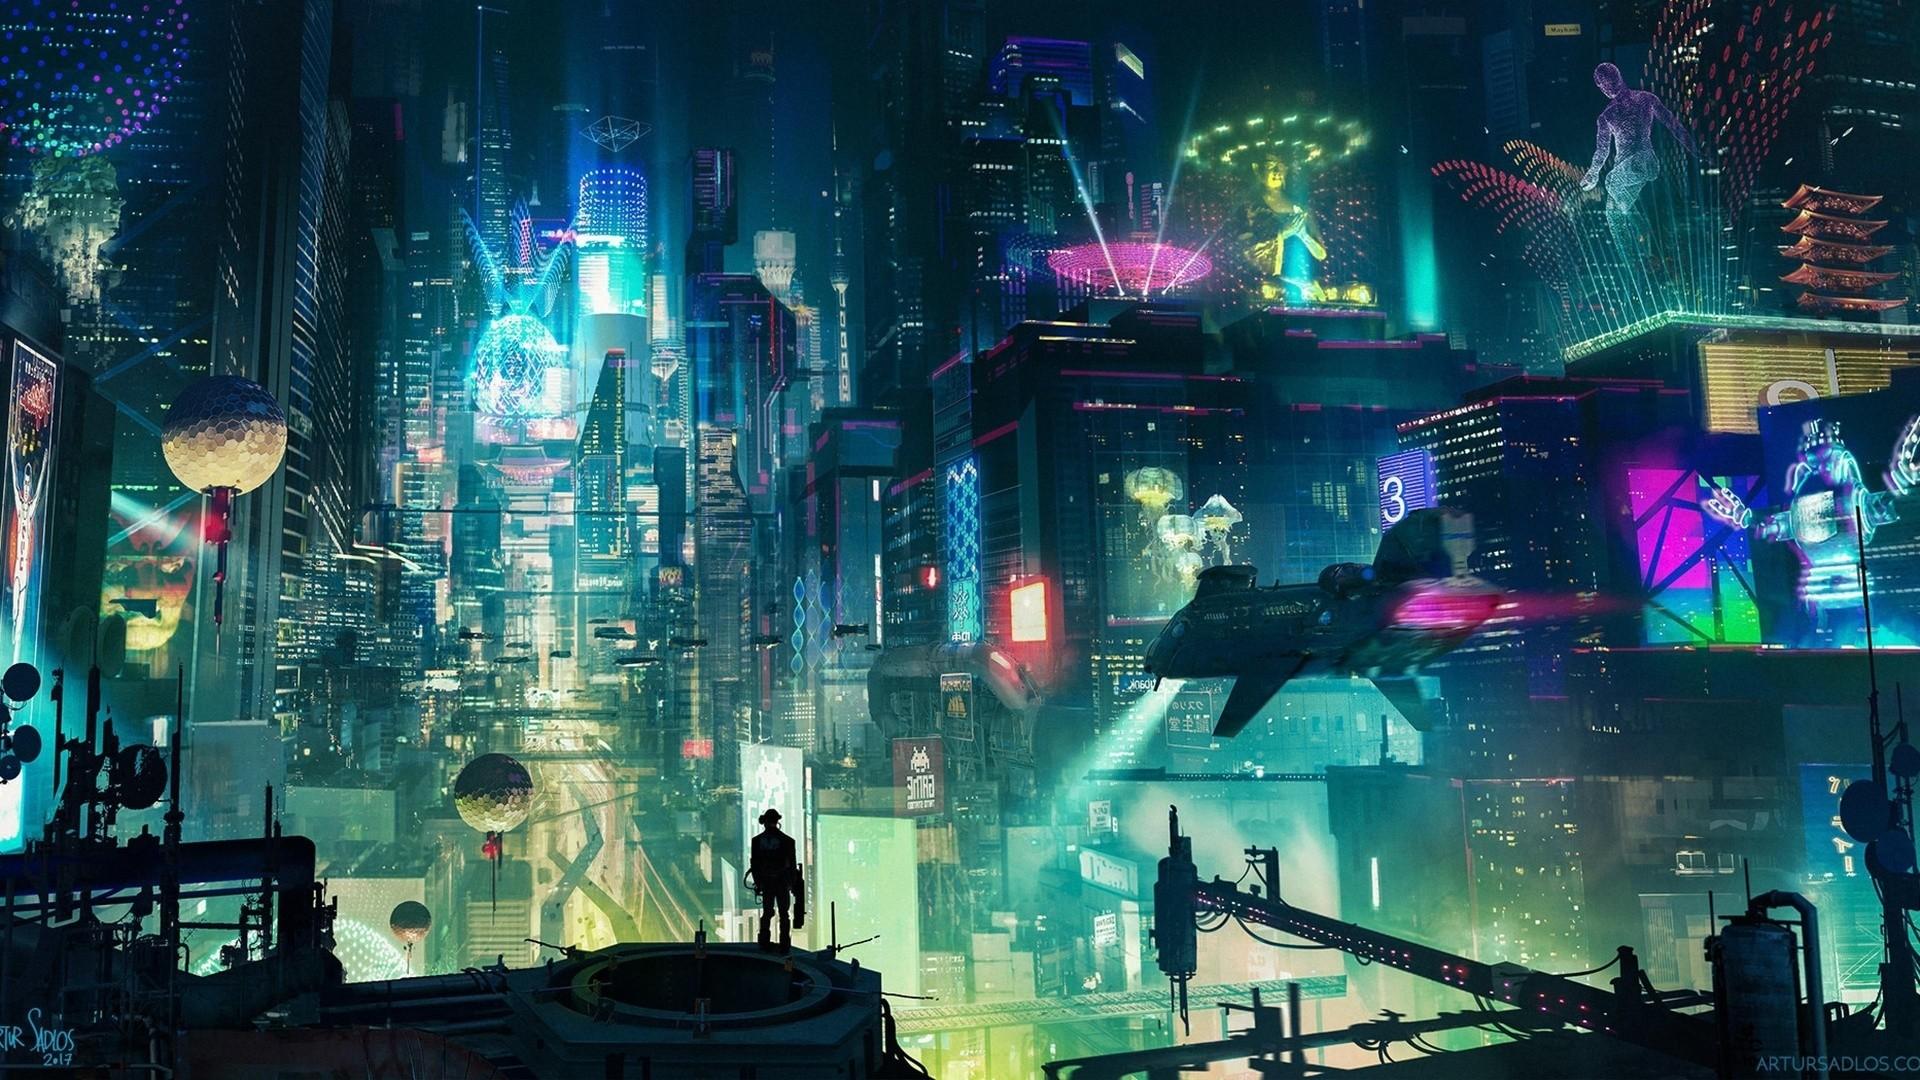 Cyberpunk City Art wallpaper for pc